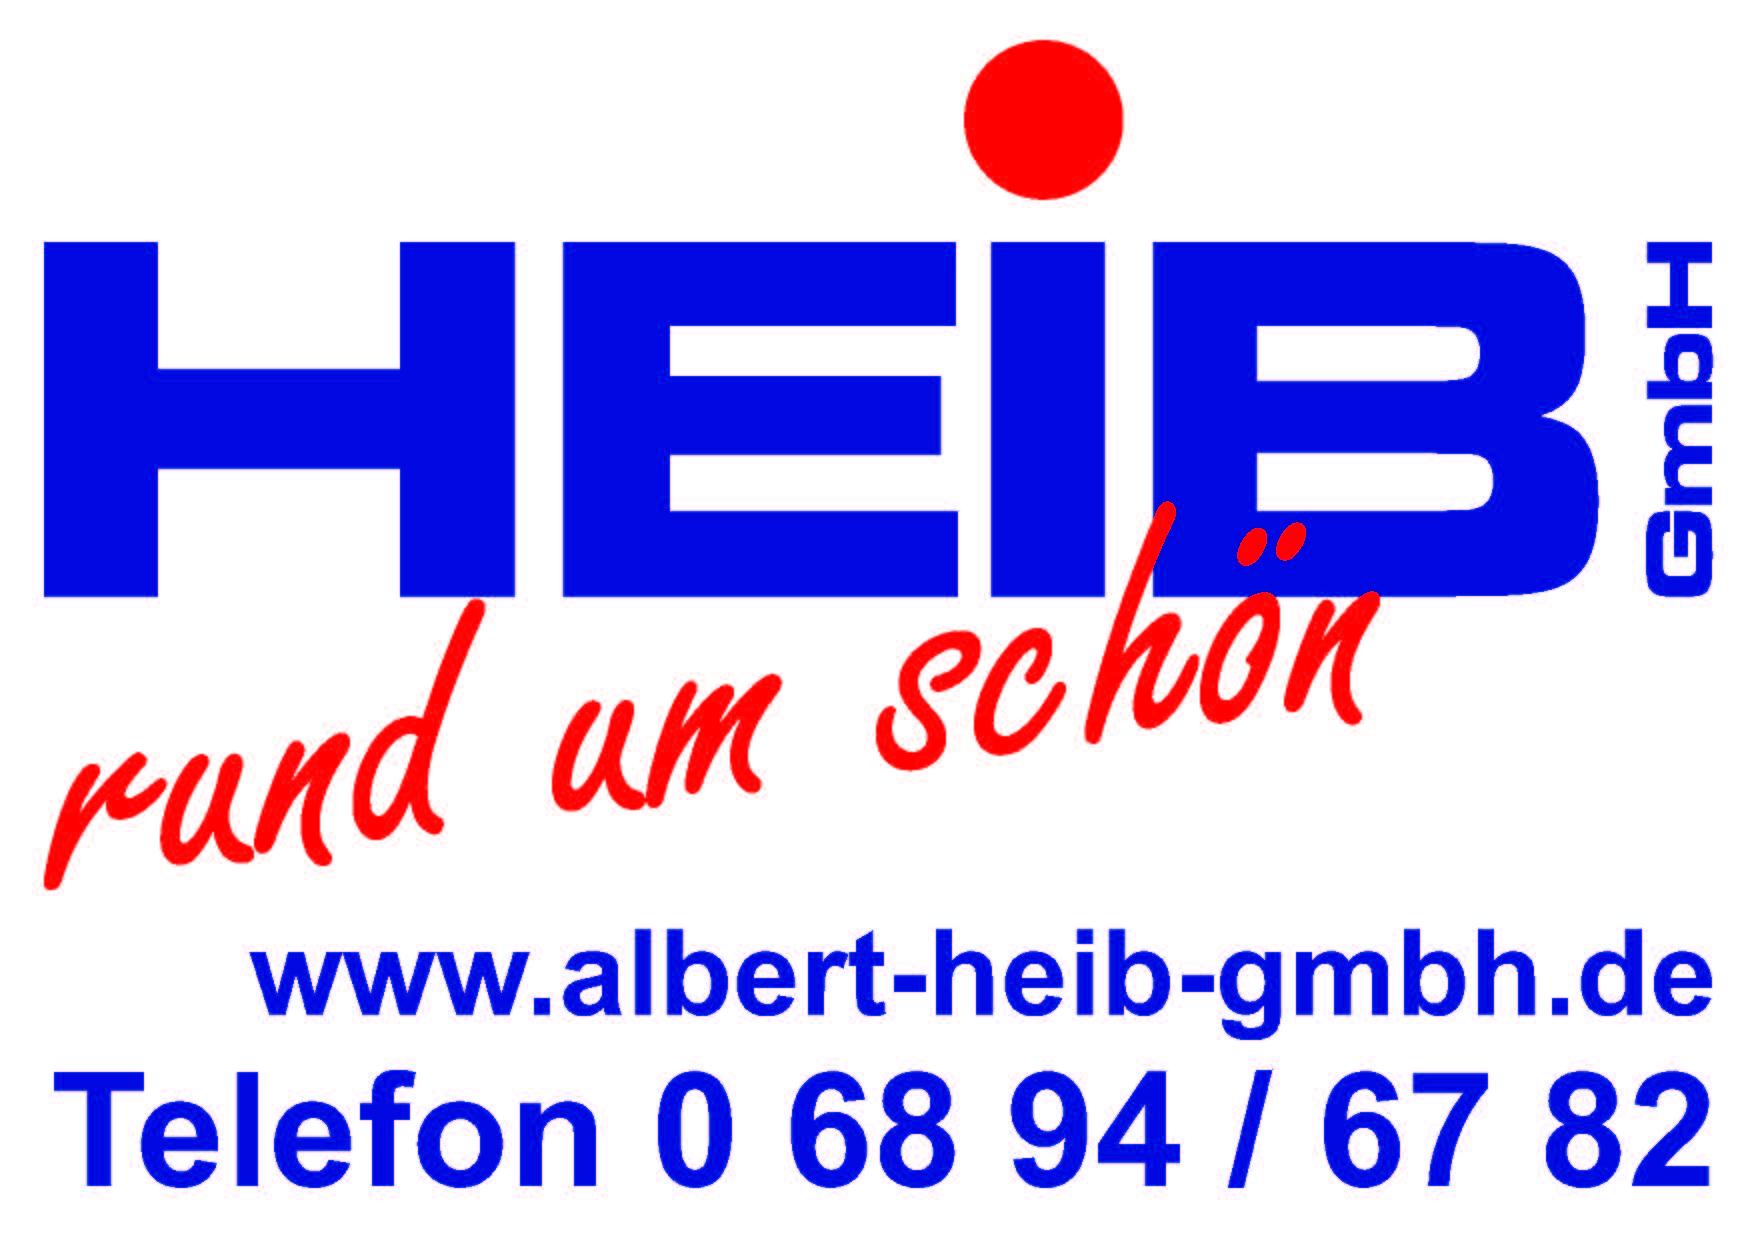 Albert Heib GmbH